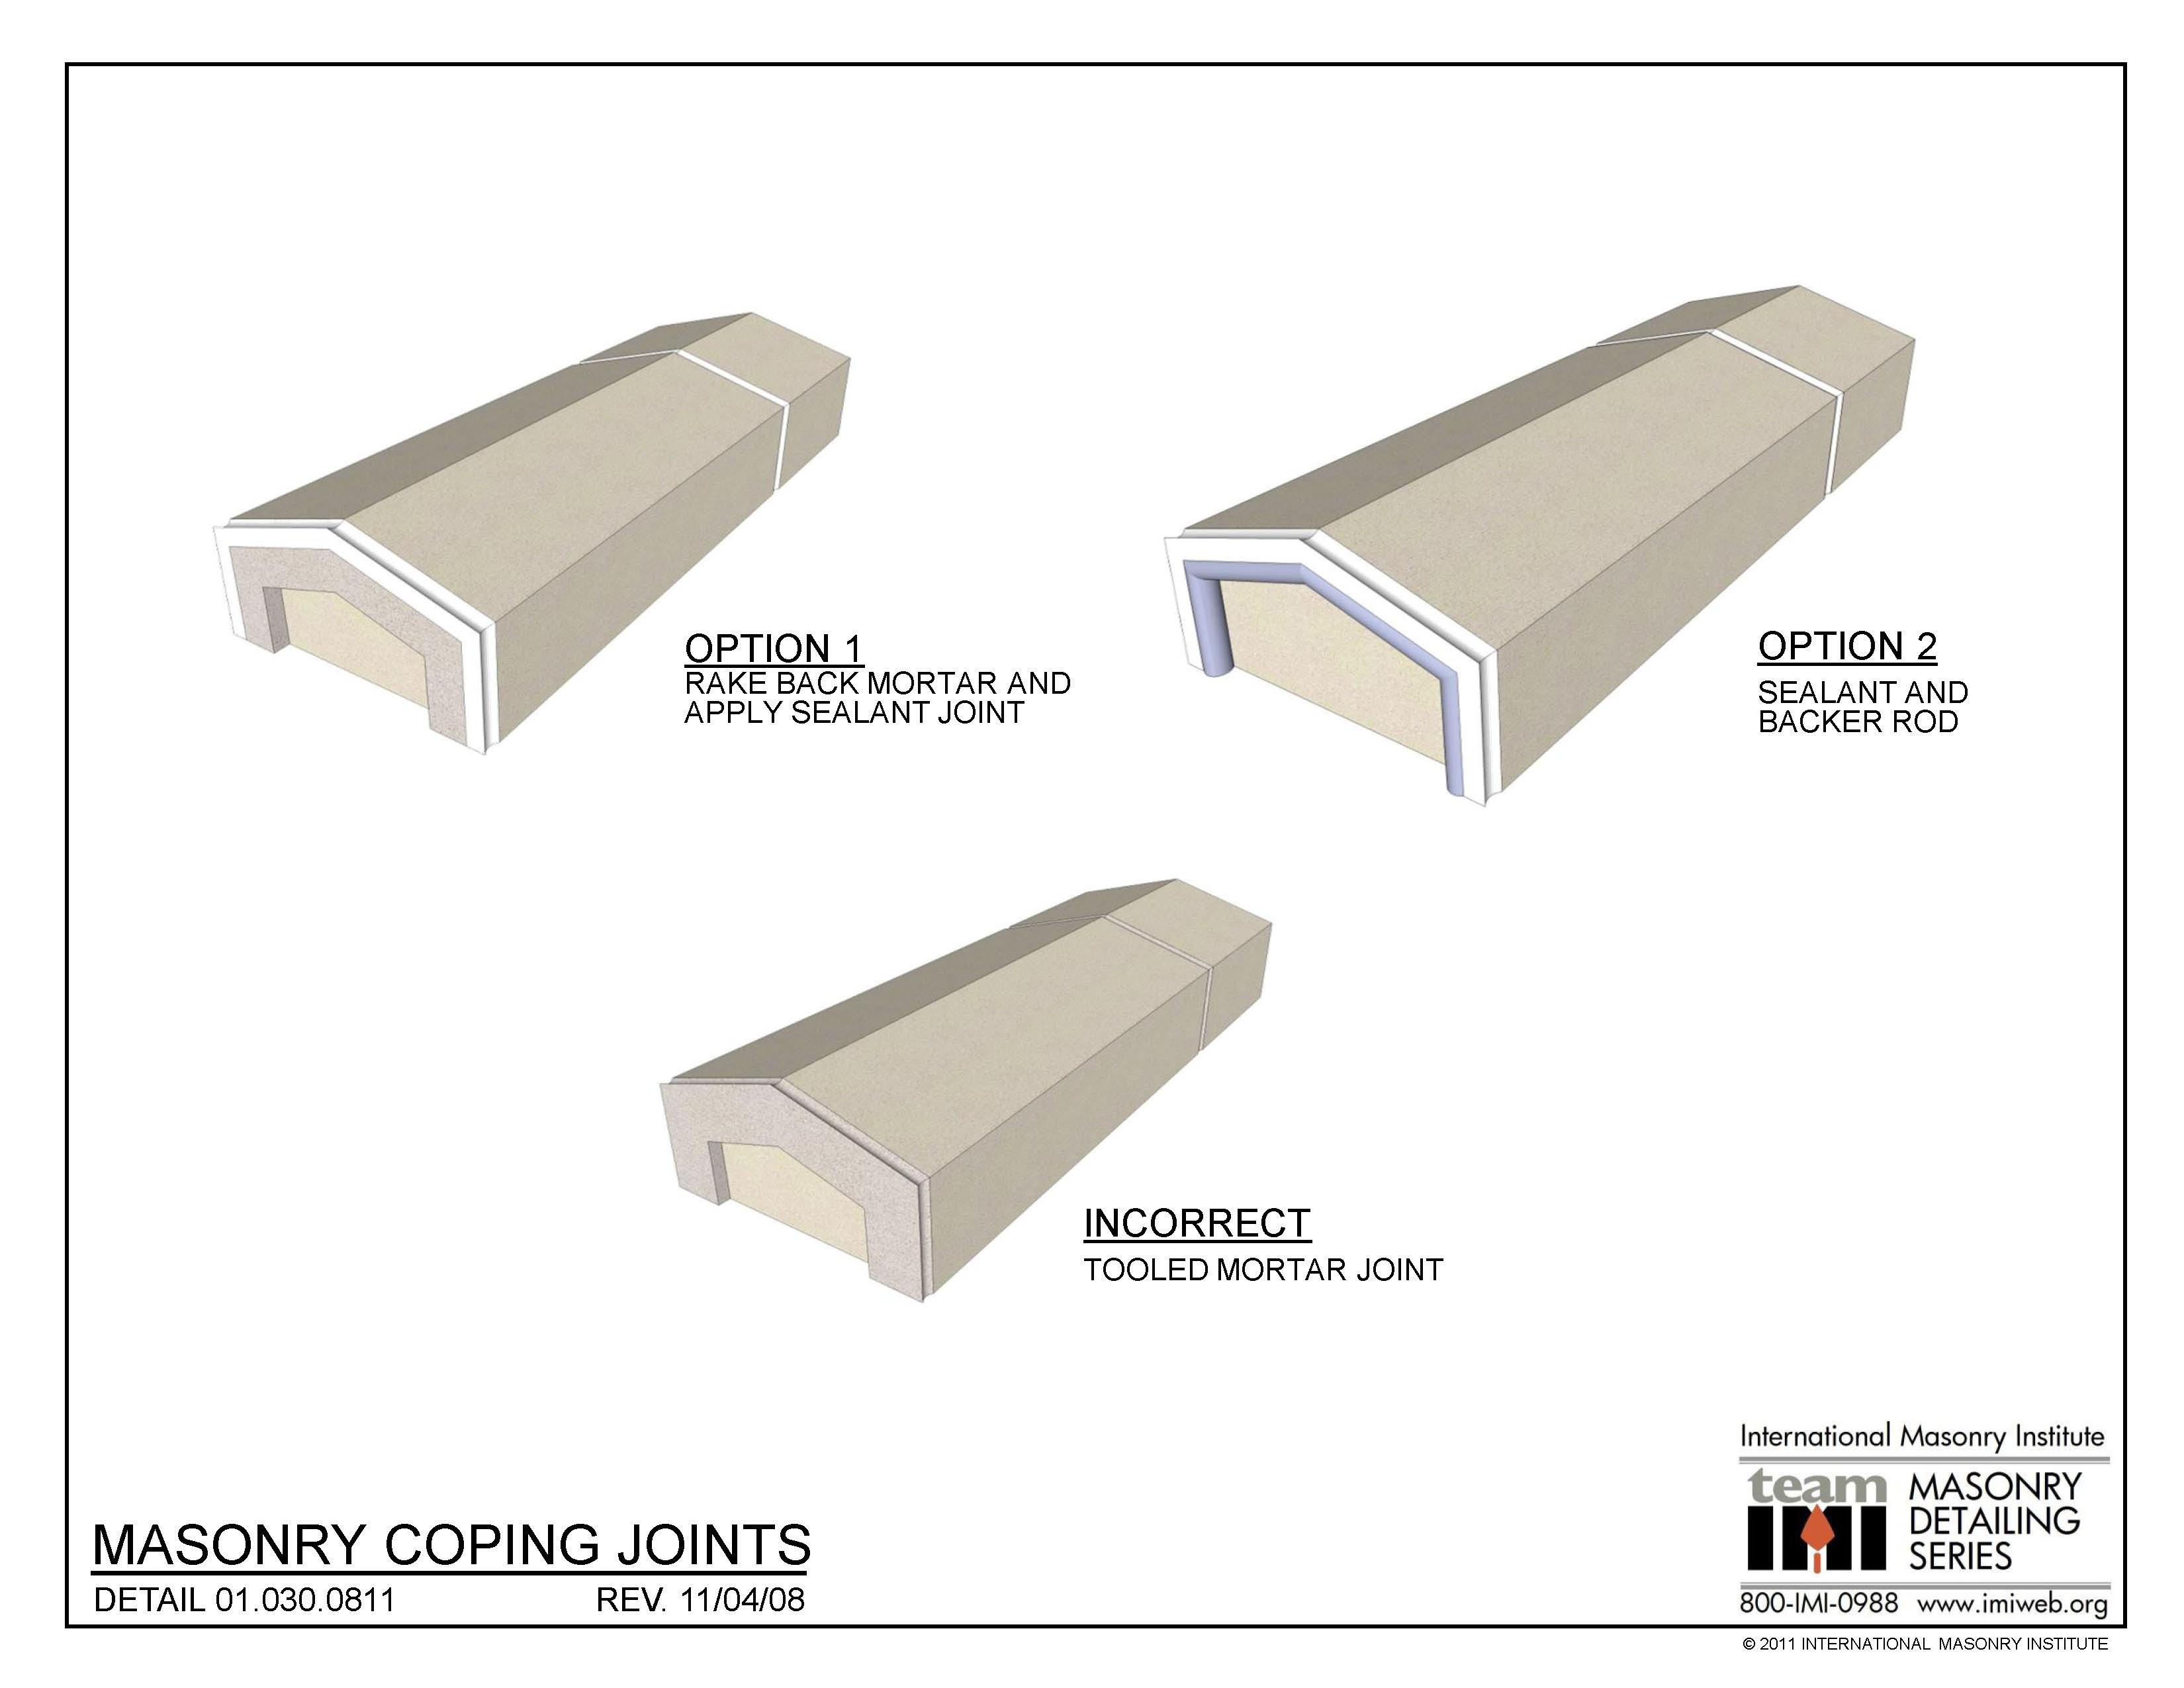 01 030 0811 Masonry Coping Joints International Masonry